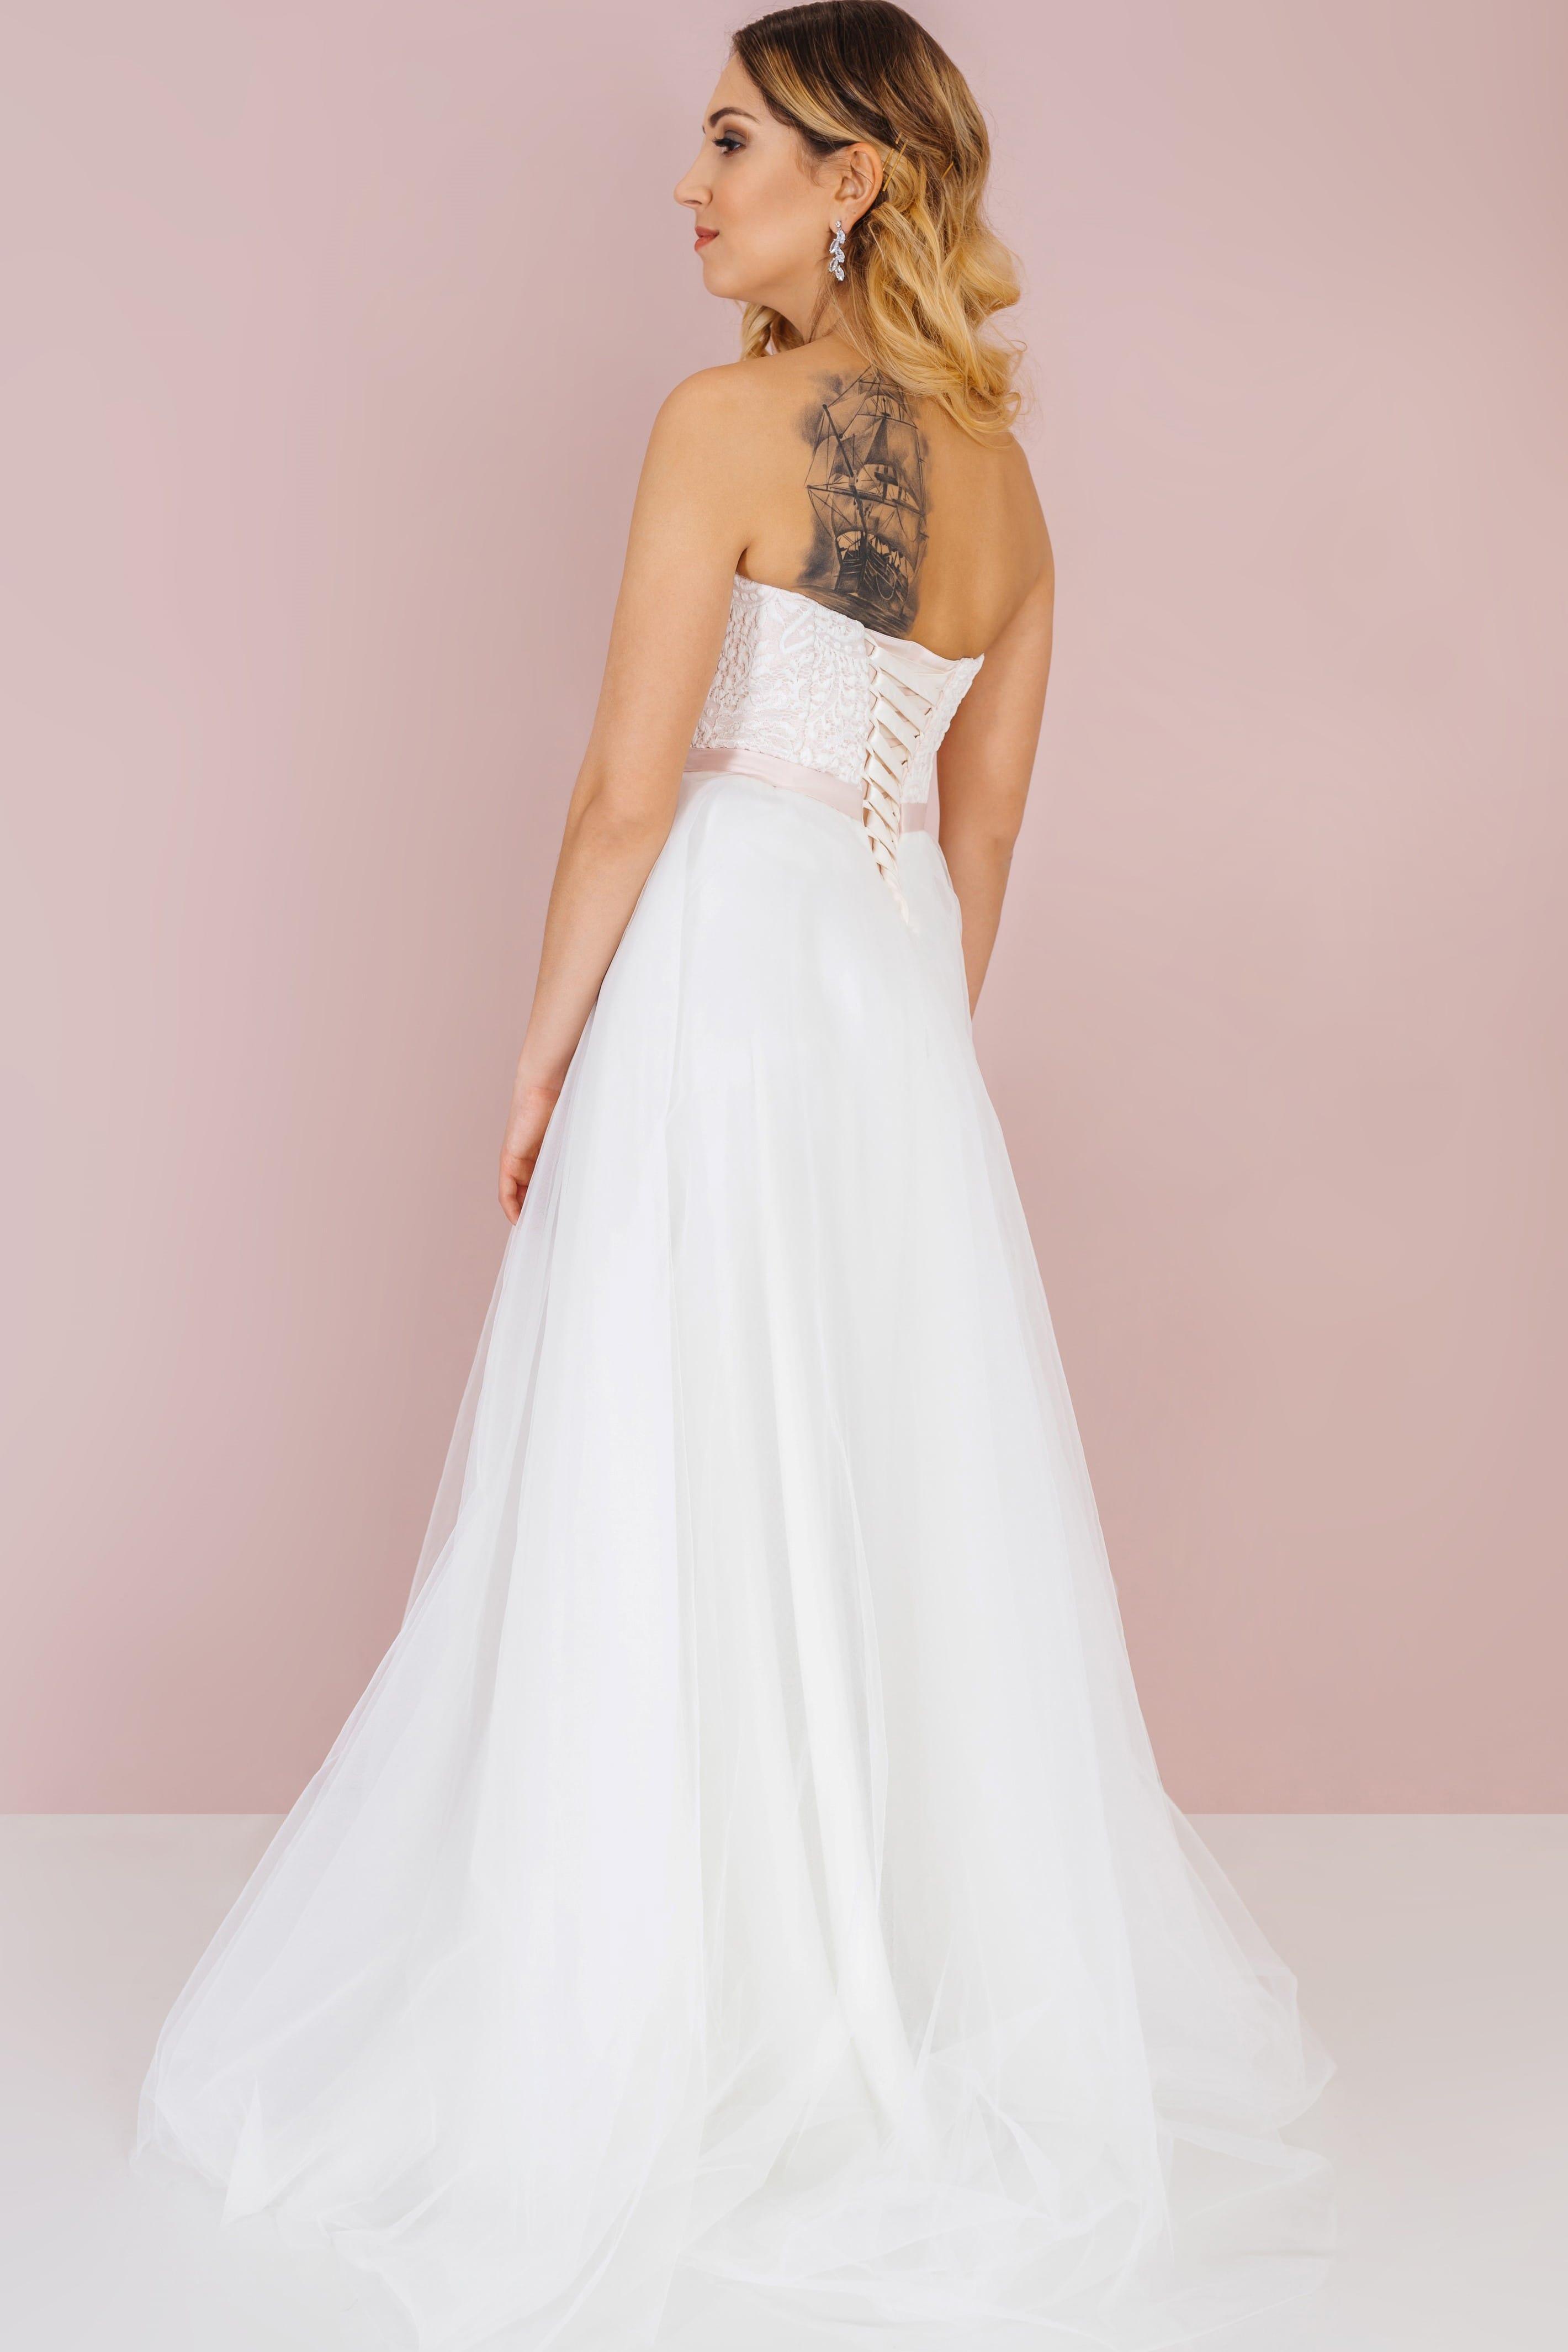 Свадебное платье NORA, коллекция LOFT, бренд RARE BRIDAL, фото 2